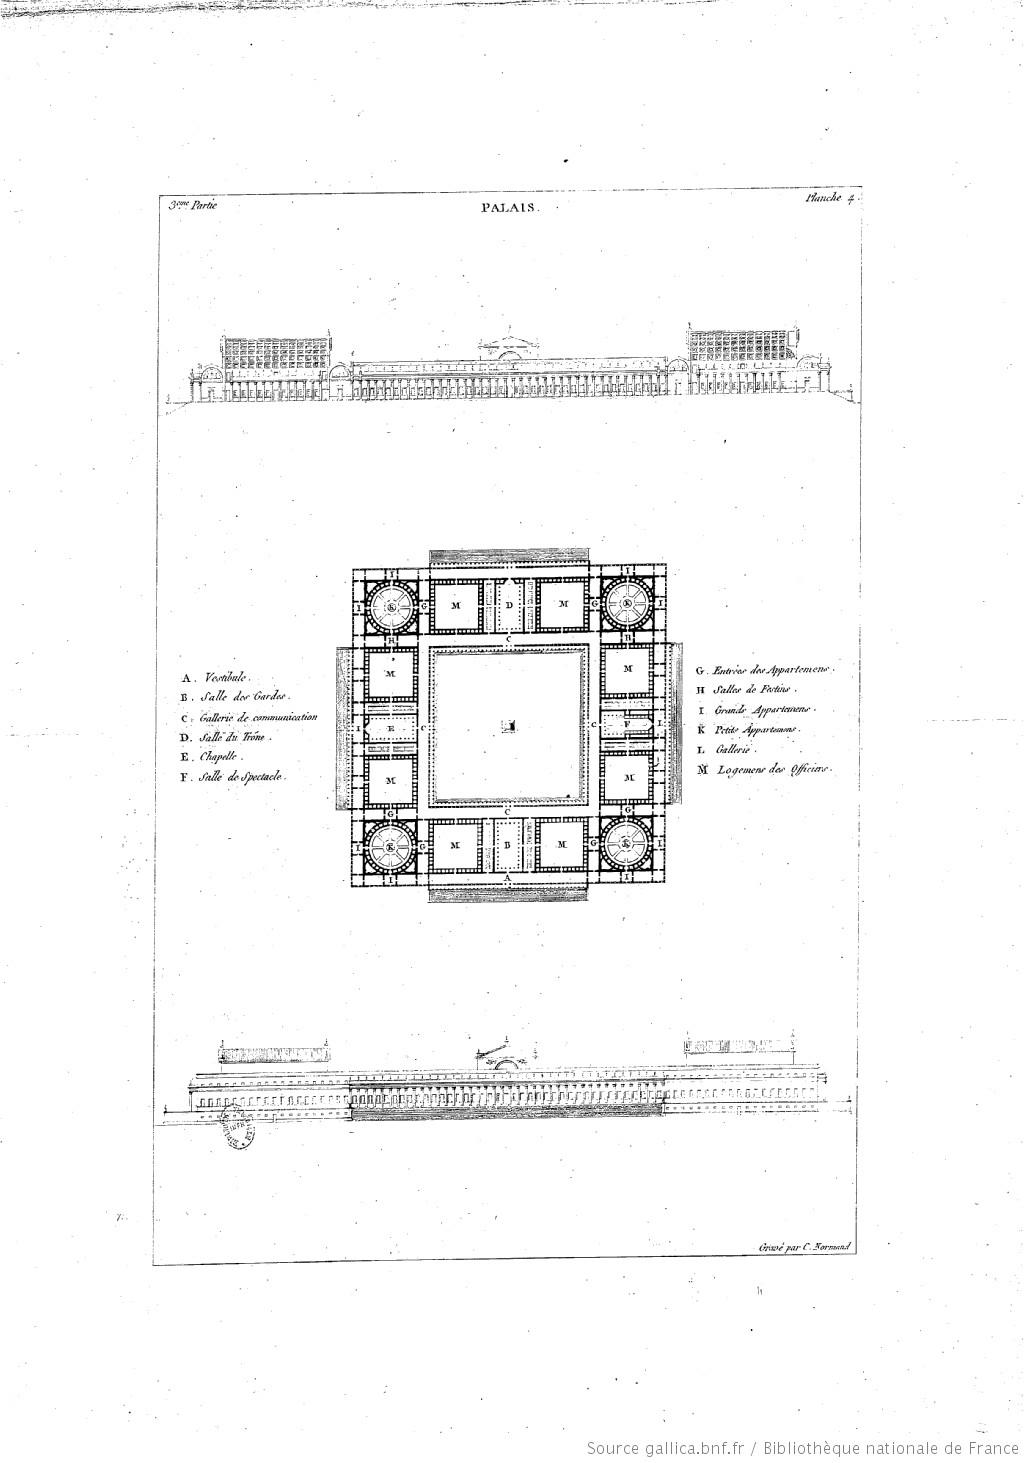 Précis_des_leçons_d'architecture_données_[...]Durand_Jean-Nicolas-Louis_bpt6k5762681g_115